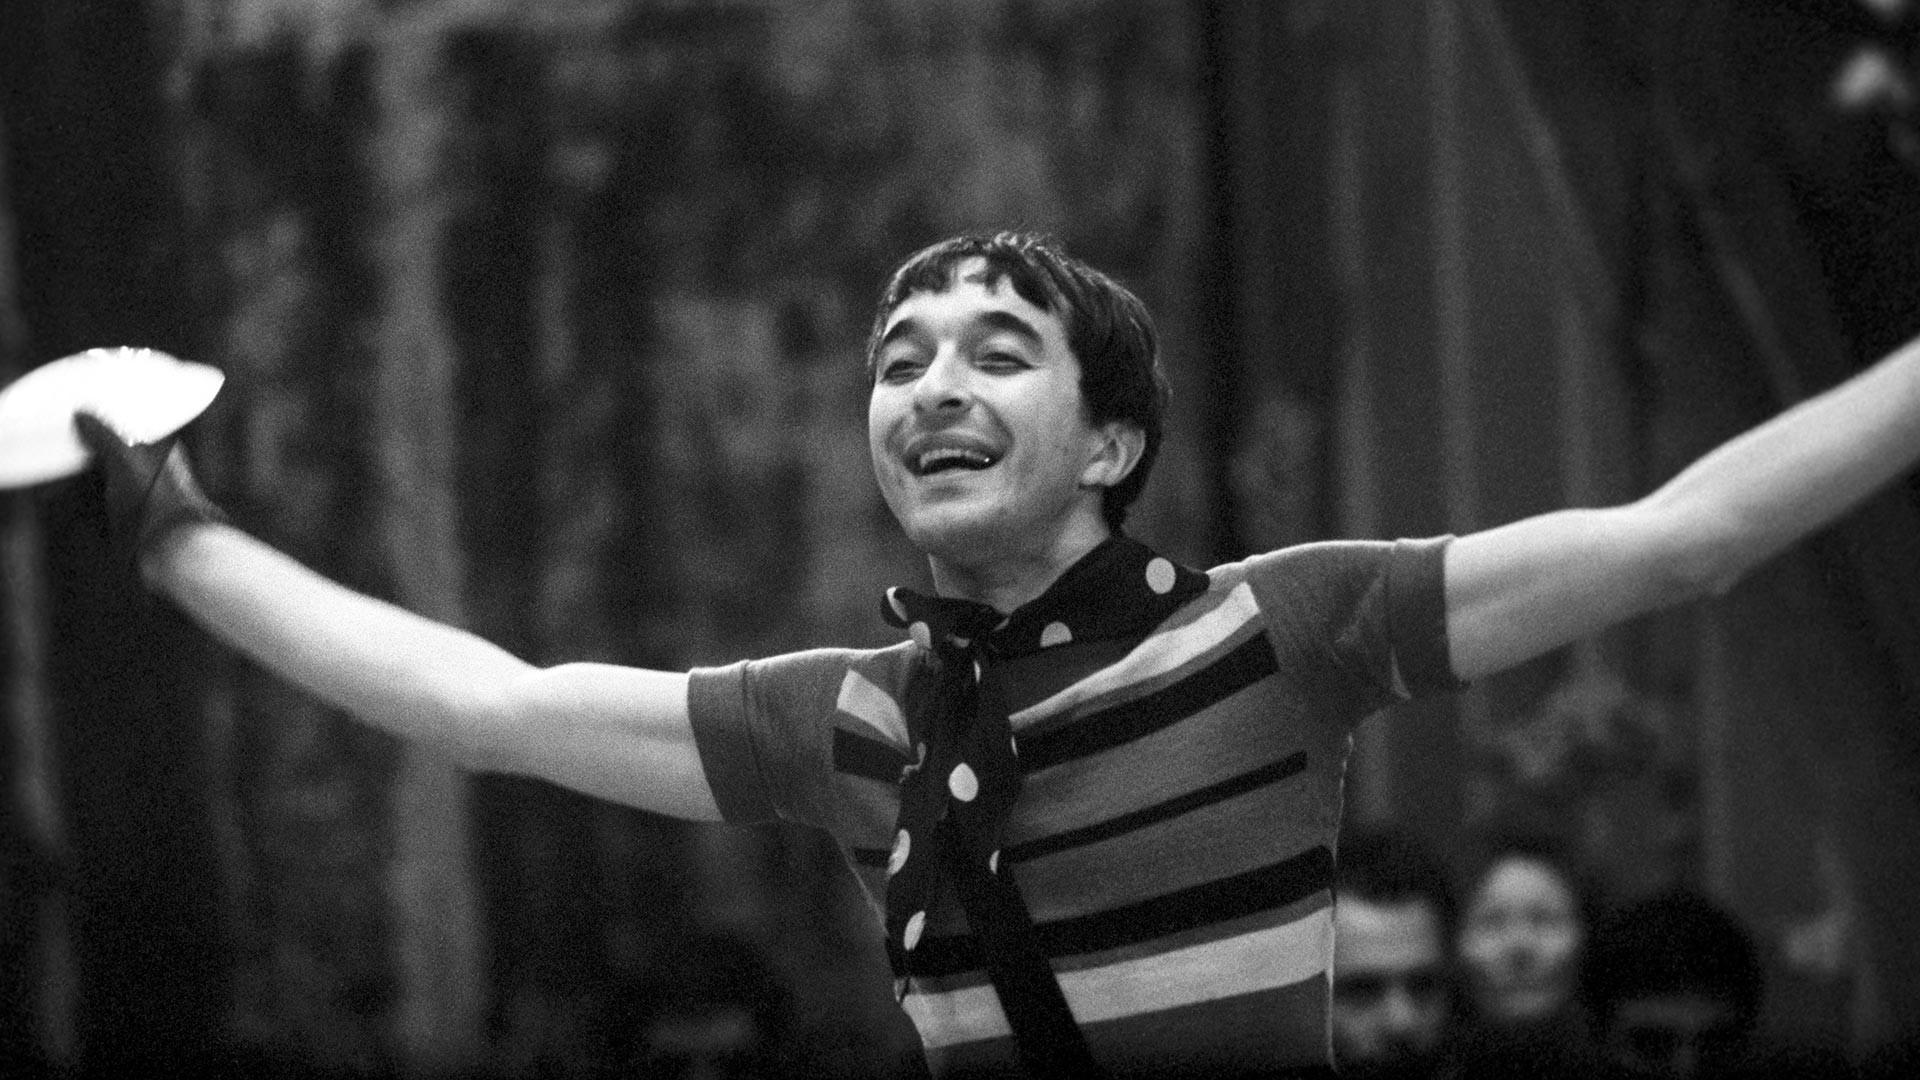 Nel 1964 vinse il primo premio al Concorso Europeo di Clown a Praga